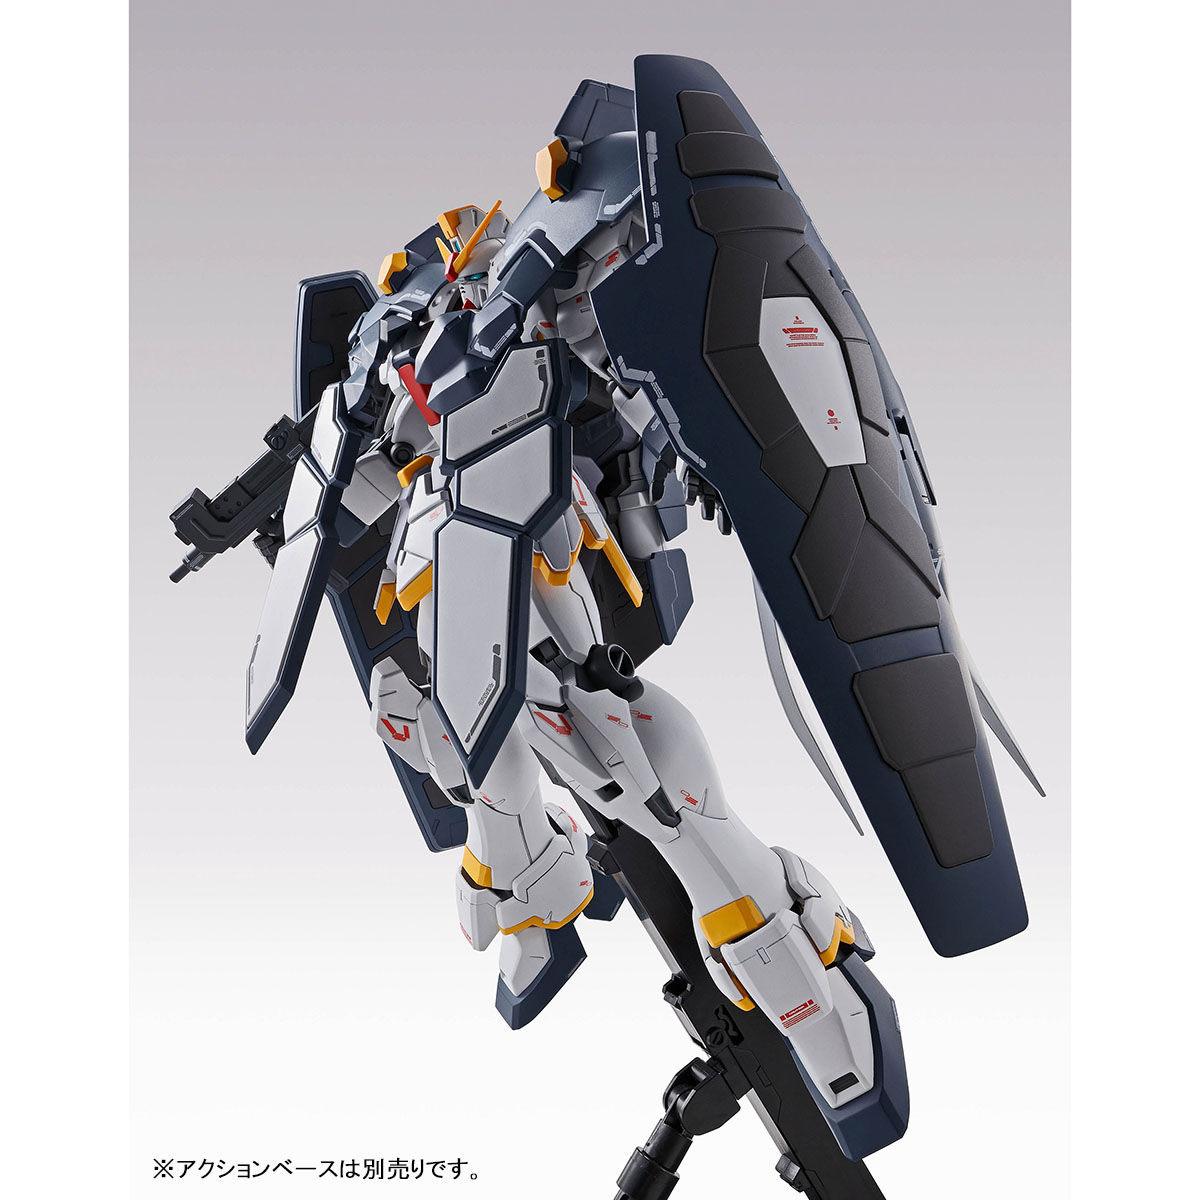 【限定販売】MG 1/100『ガンダムサンドロックEW(アーマディロ装備)』ガンダムW プラモデル-005